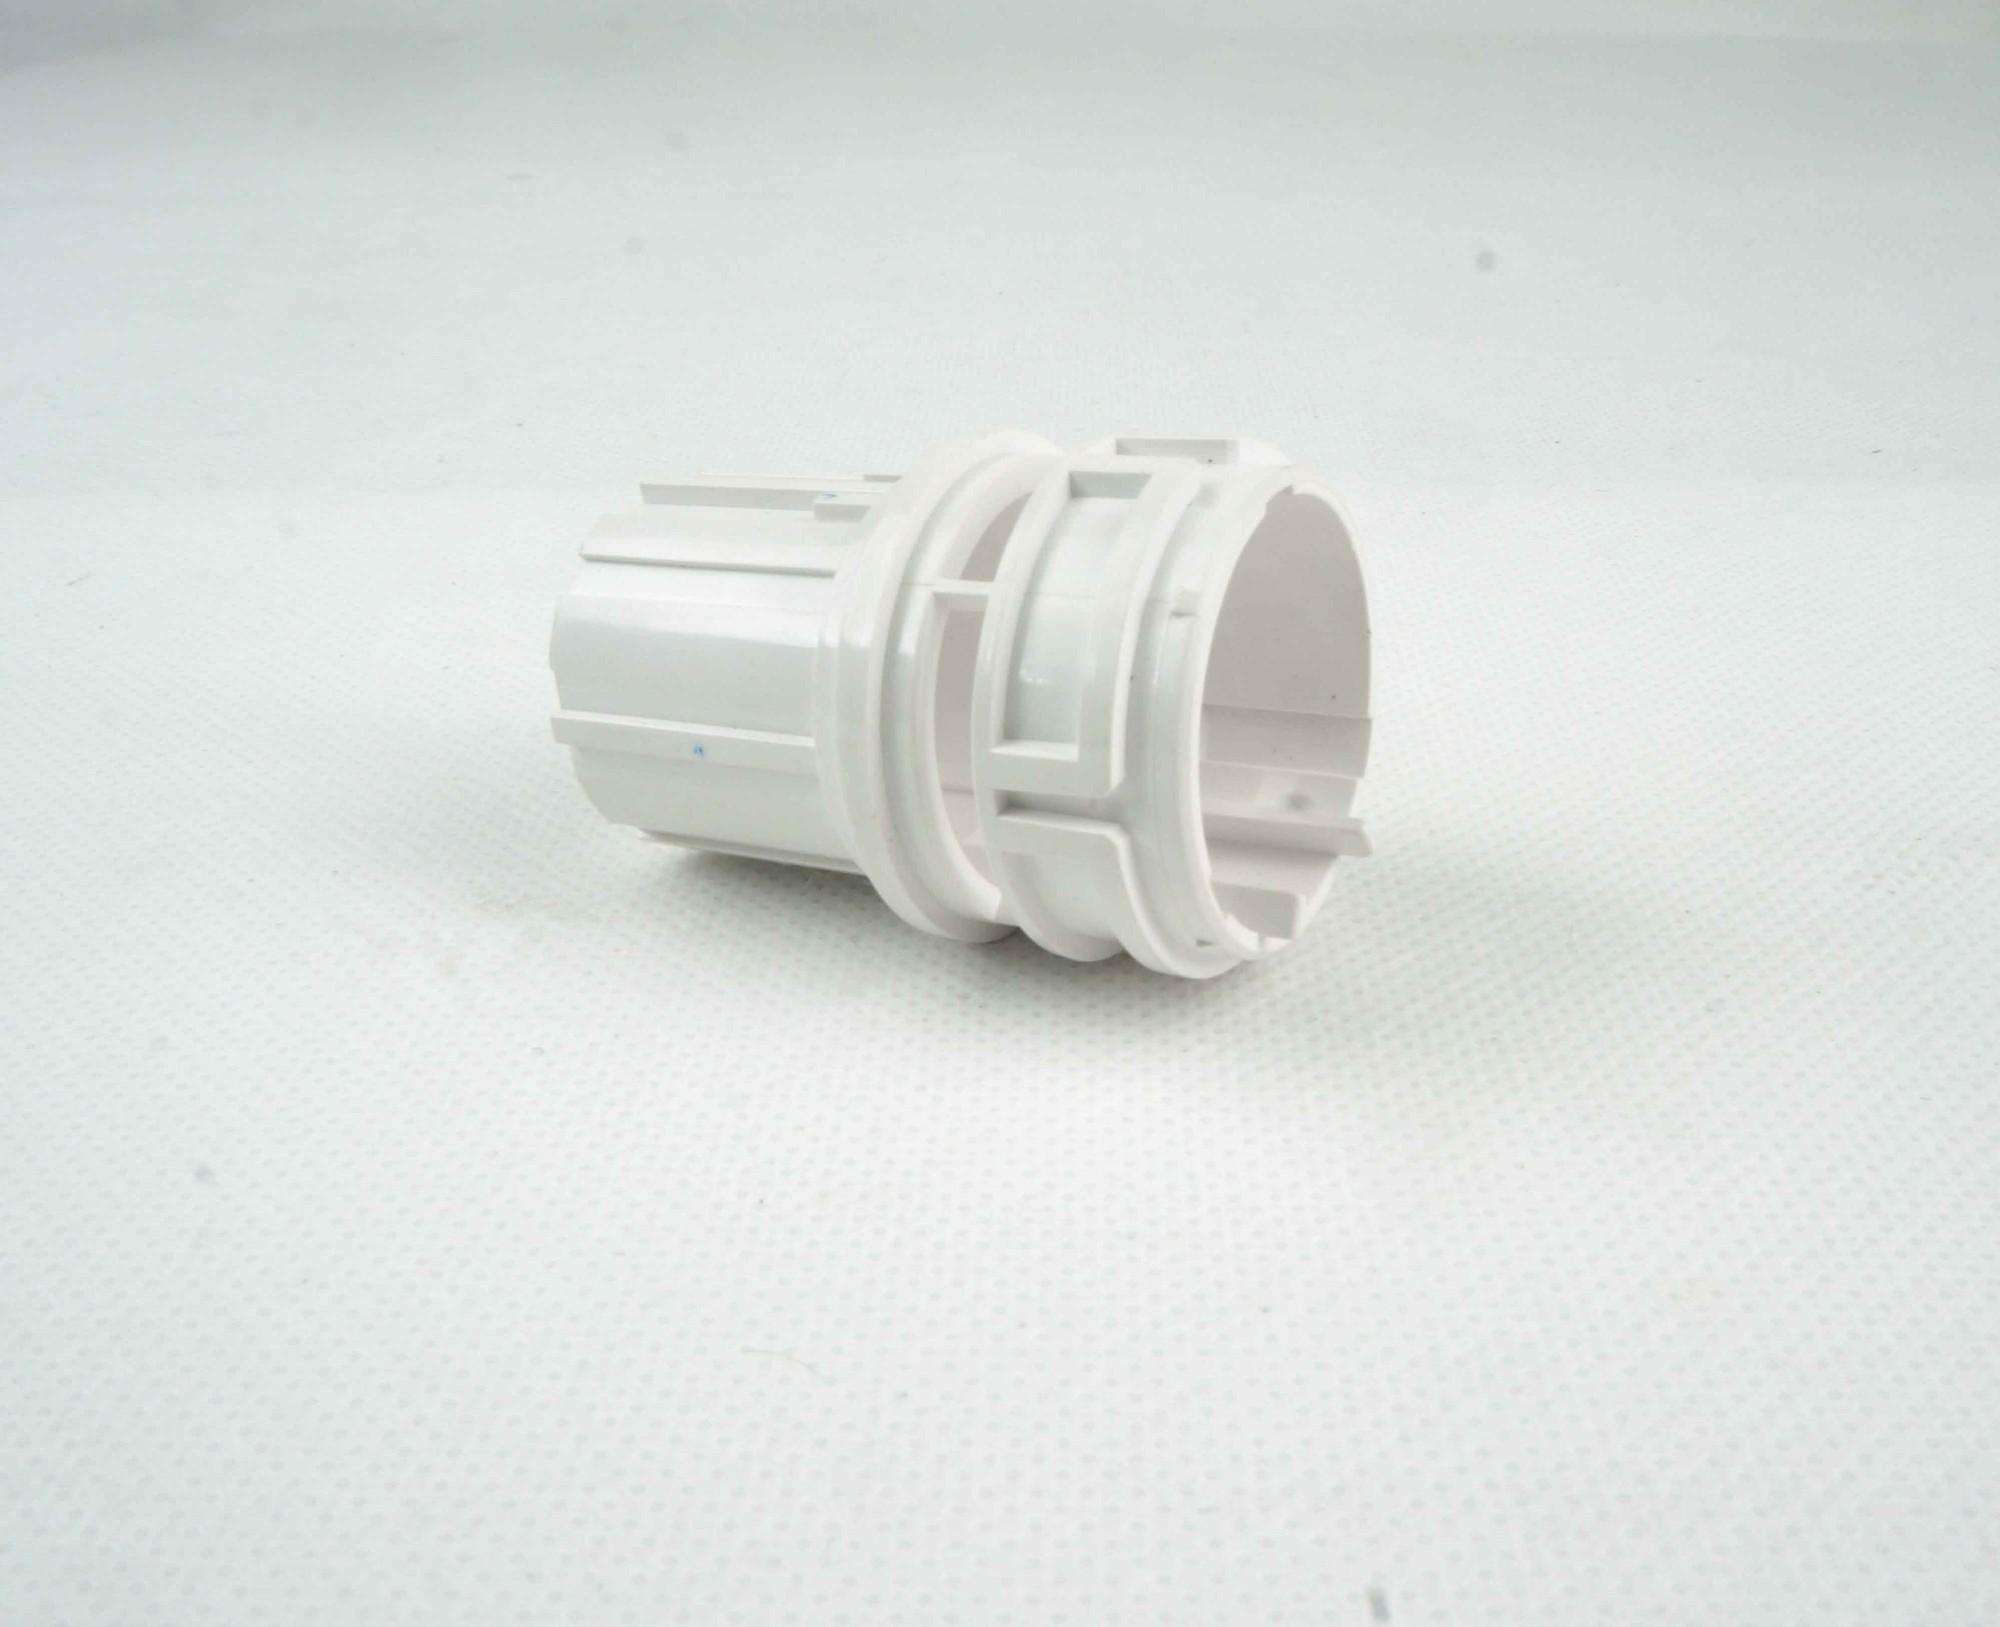 ABS Plastic Car Parts Mould Manufacturers, ABS Plastic Car Parts Mould Factory, Supply ABS Plastic Car Parts Mould